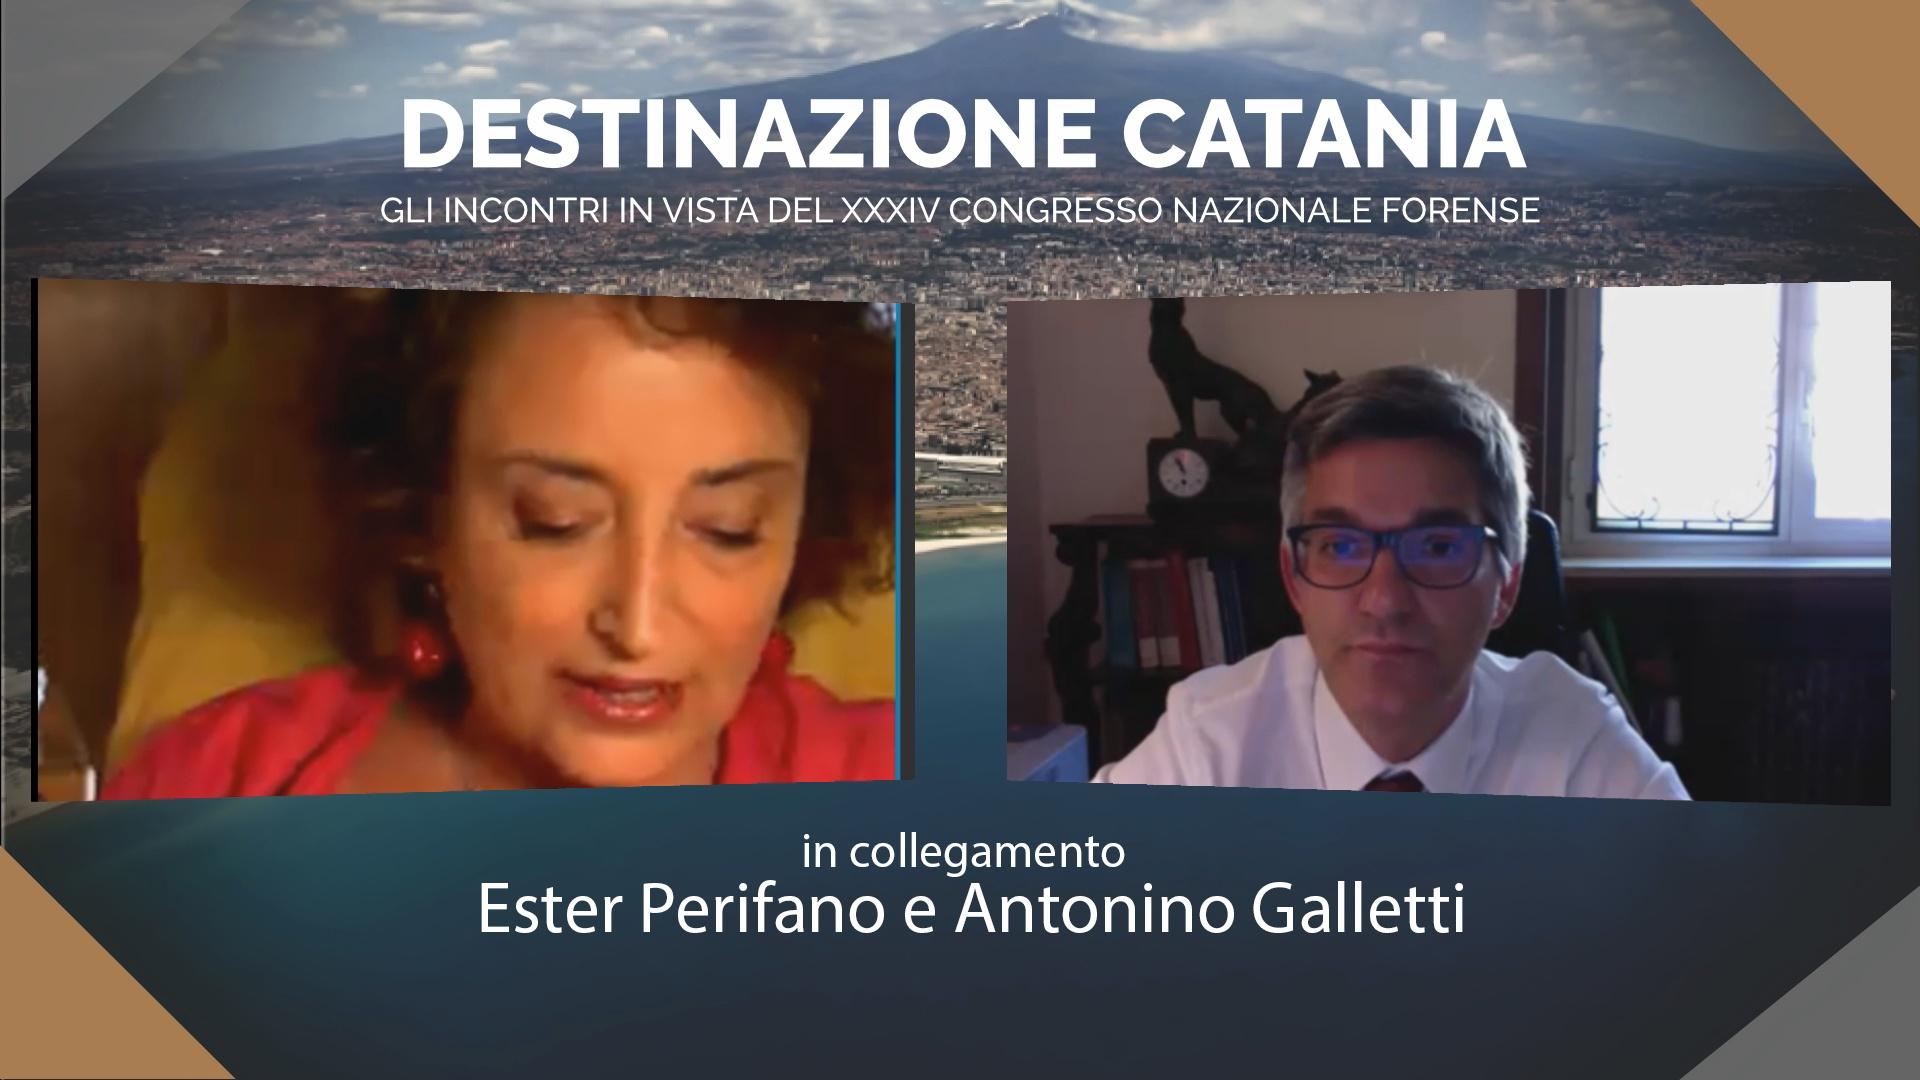 DESTINAZIONE CATANIA. INCONTRO IN VISTA DEL XXXIV CONGRESSO NAZIONALE FORENSE. ESTER PERIFANO E ANTONINO GALLETTI